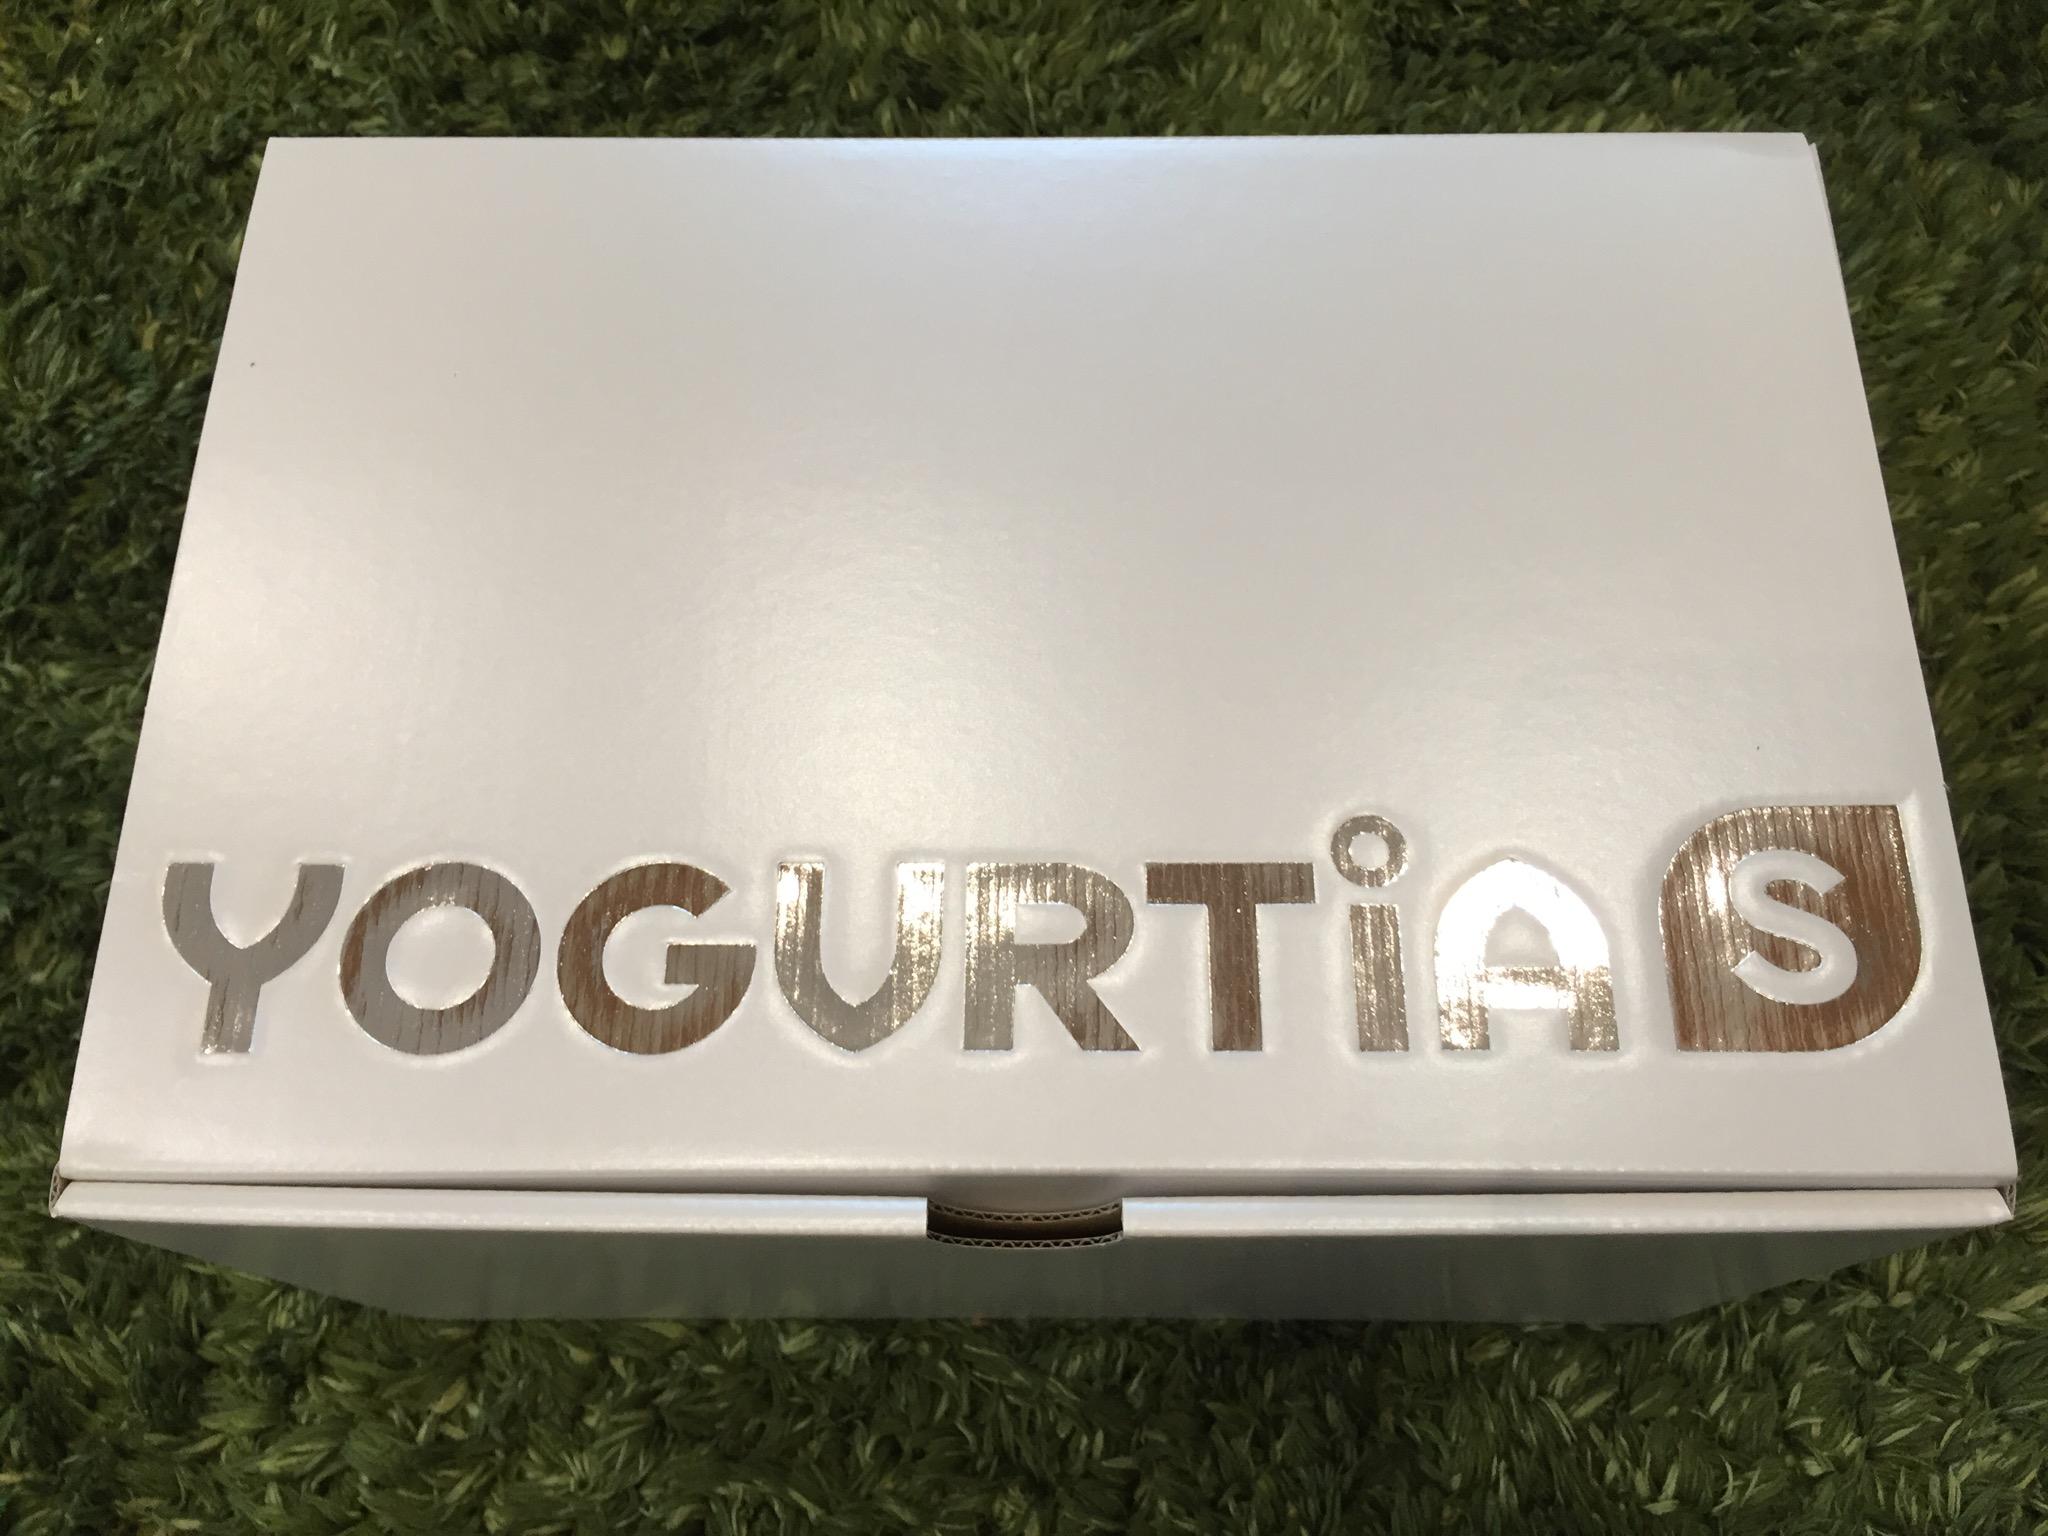 ヨーグルティアS外箱